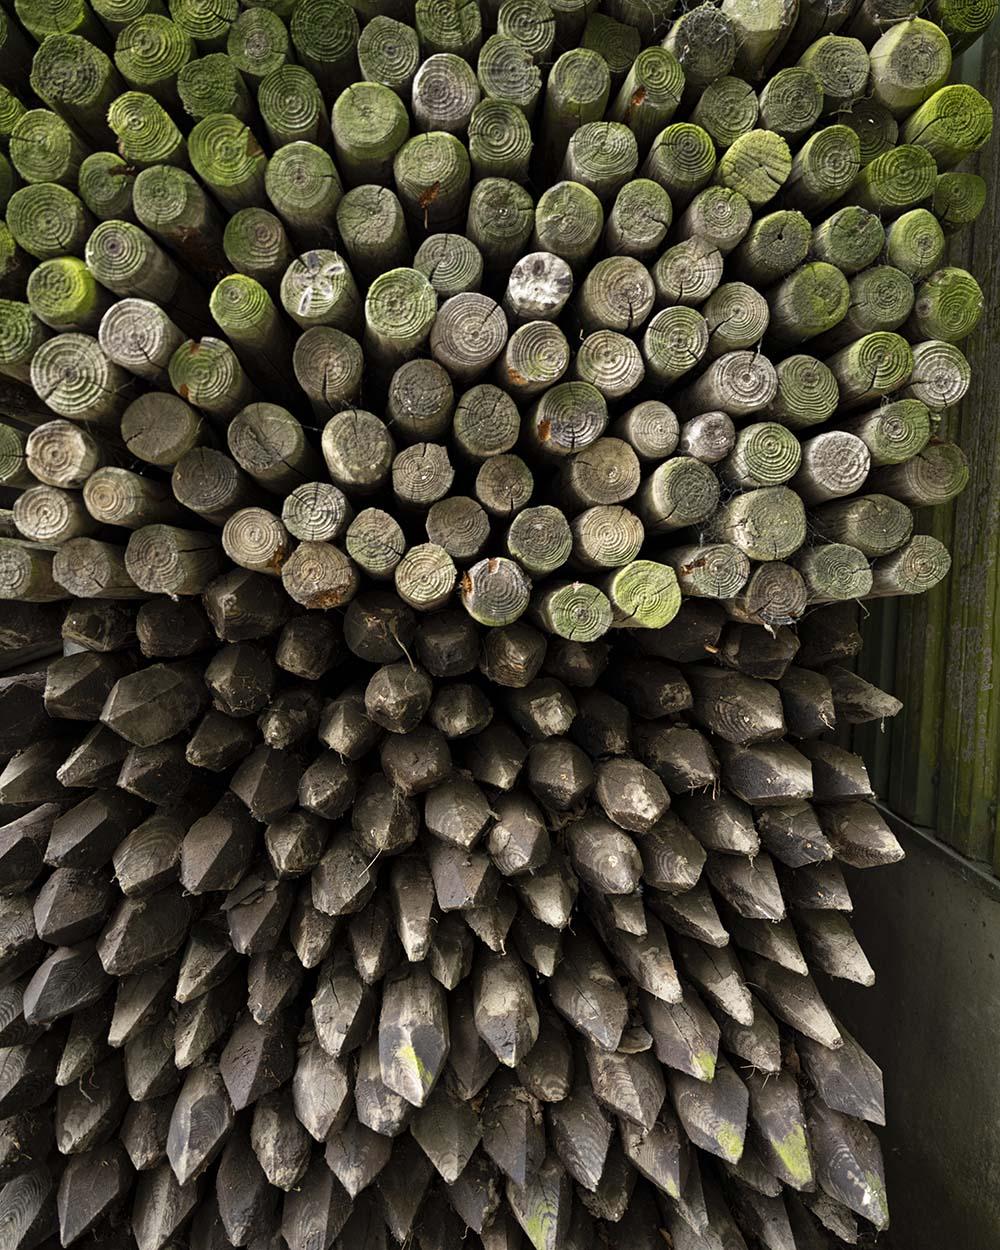 In einem Regal liegen viele Holzstäbe. Sie dienen zur Befestigung der Baumstämme, an denen die Bäume wachsen.